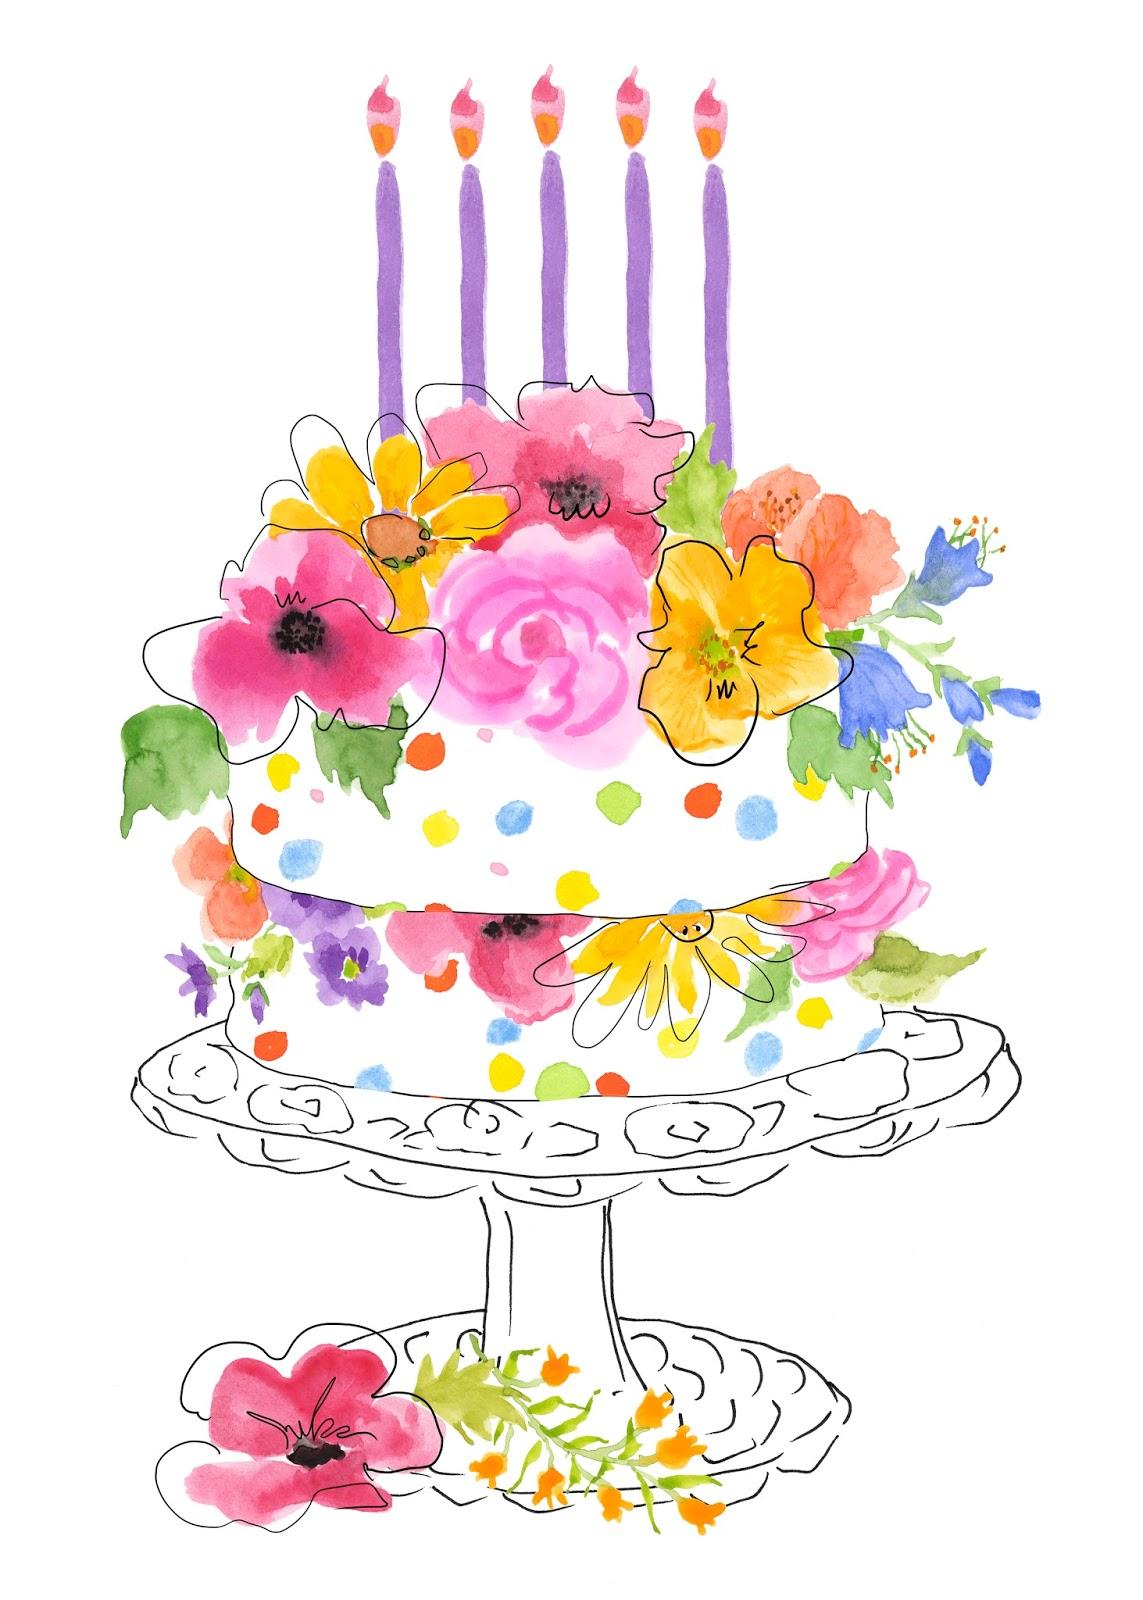 Watercolor Happy Birthday Card